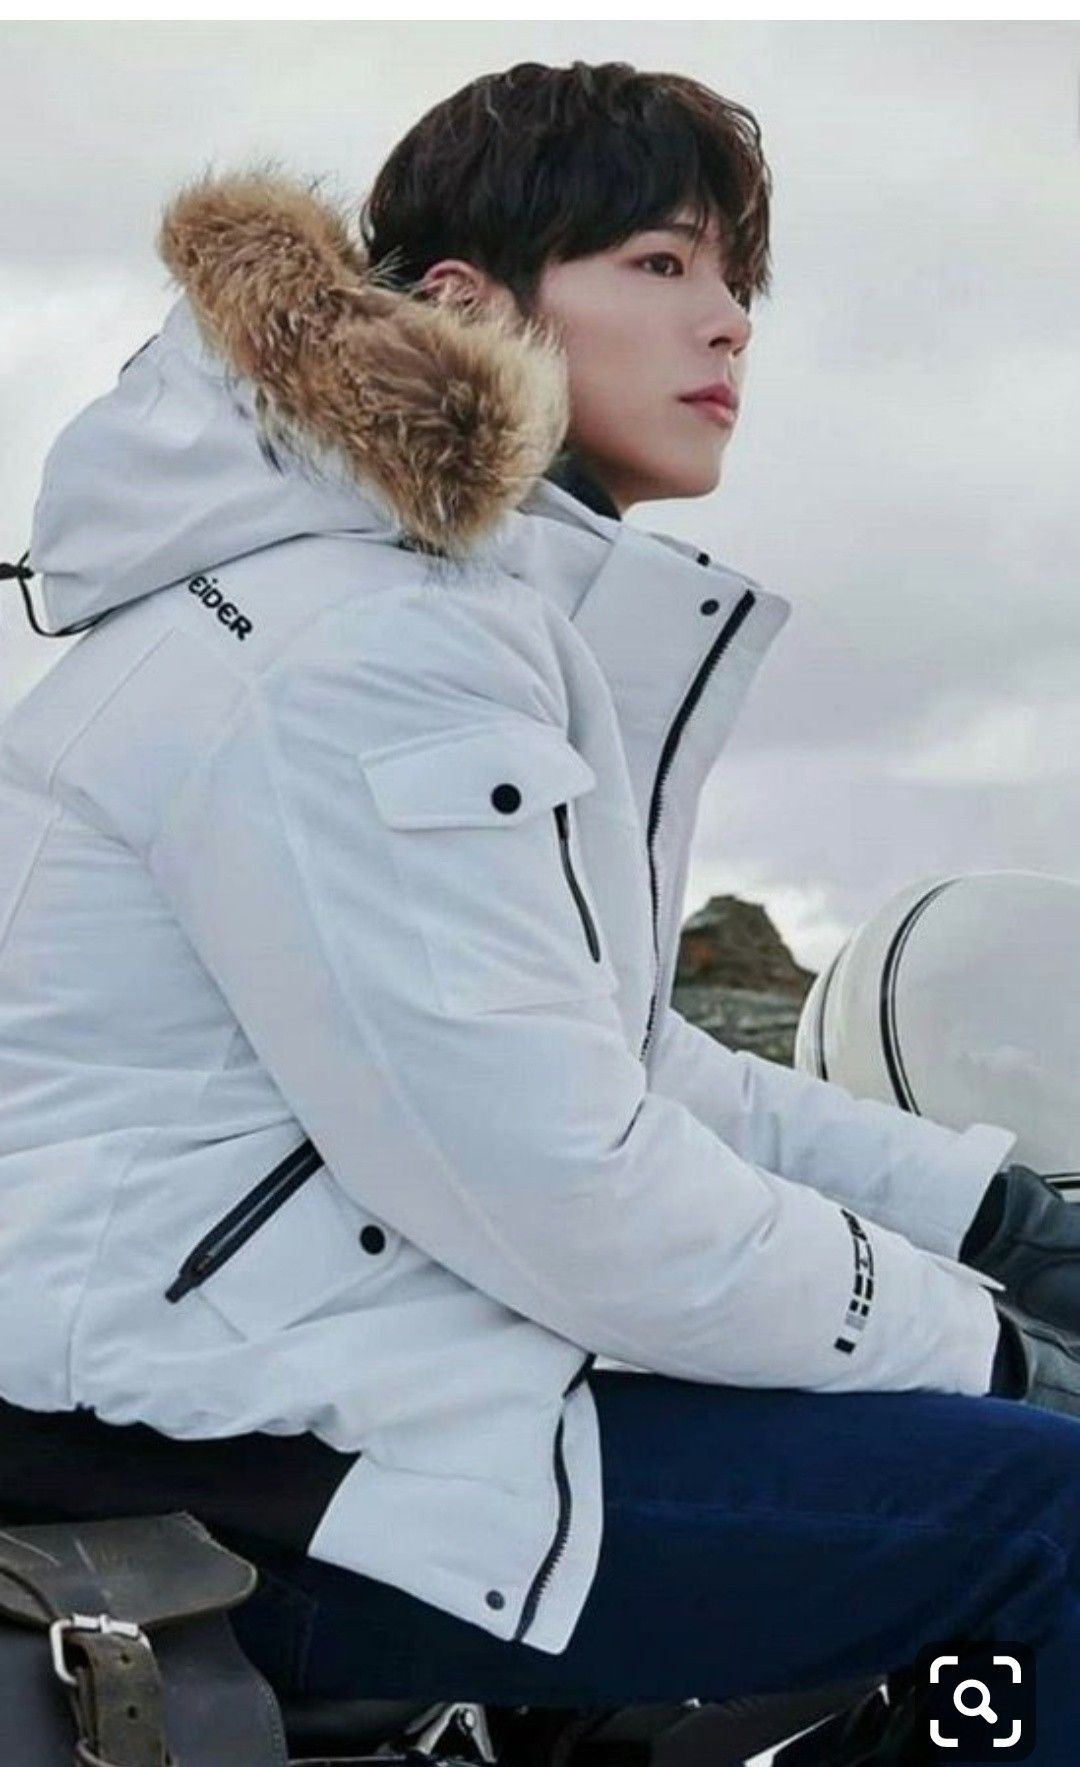 「朴寶ㄐㄧㄢˋ」おしゃれまとめの人気アイデア|Pinterest|Linda Yeh 韓国 俳優, パクボゴム, 俳優